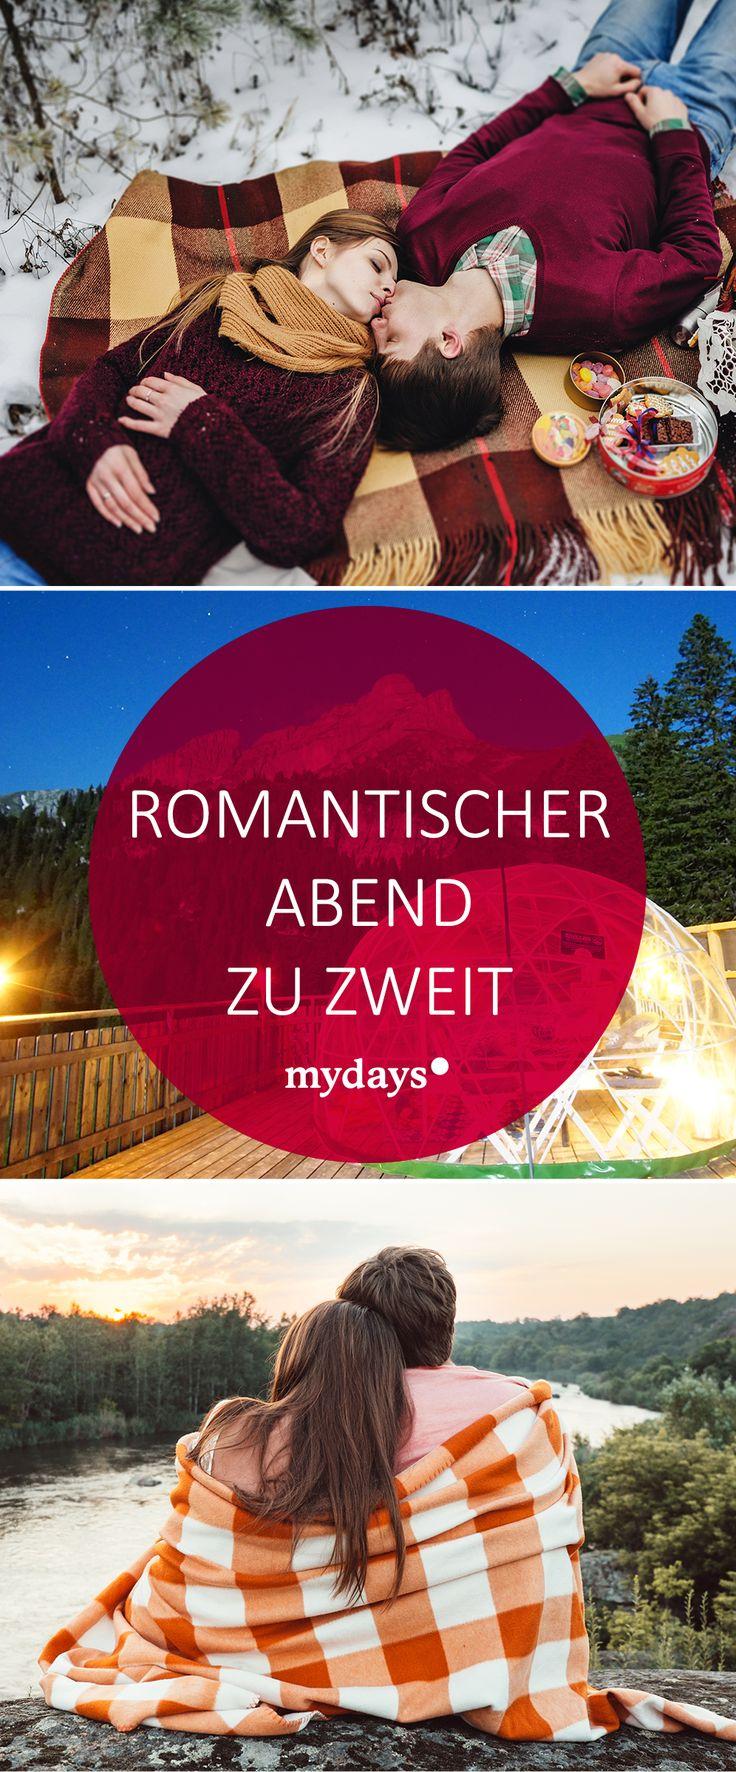 Romantischer Abend zu zweit - Tipps für Verliebte | mydays